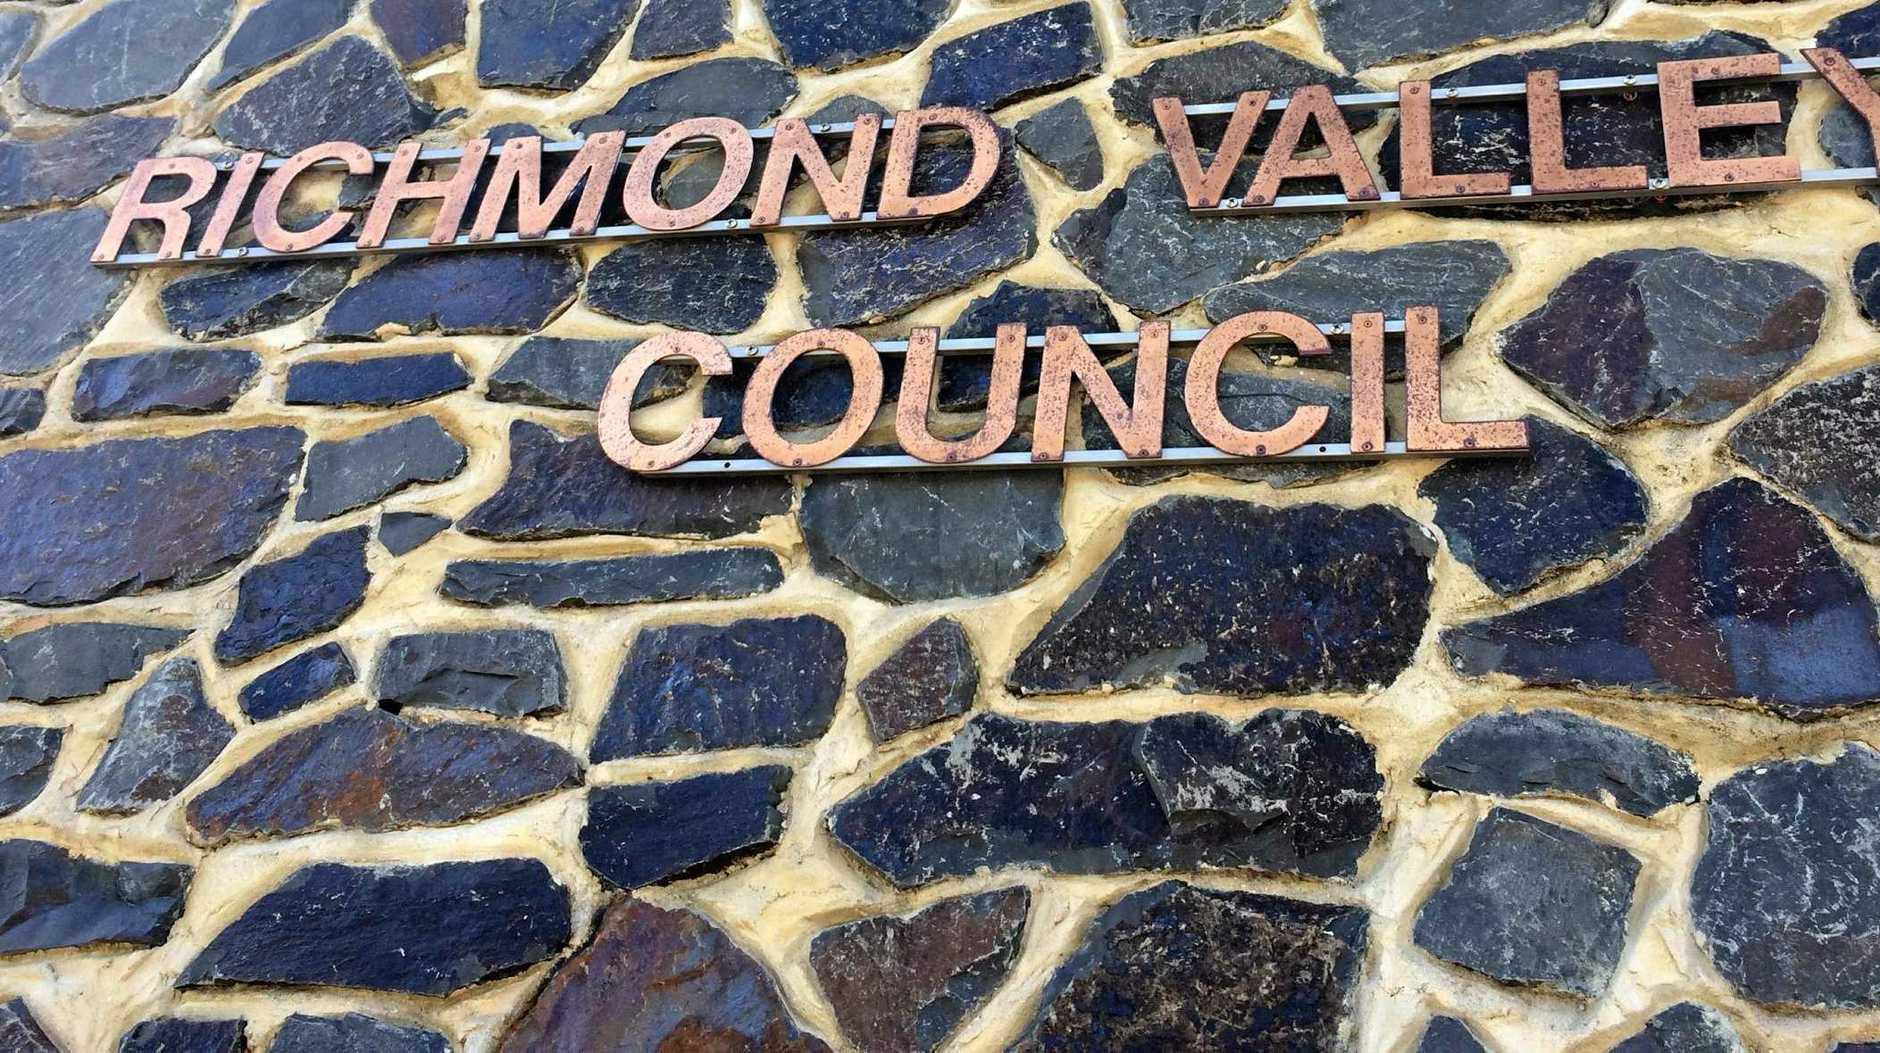 Richmond Valley Council, Casino.